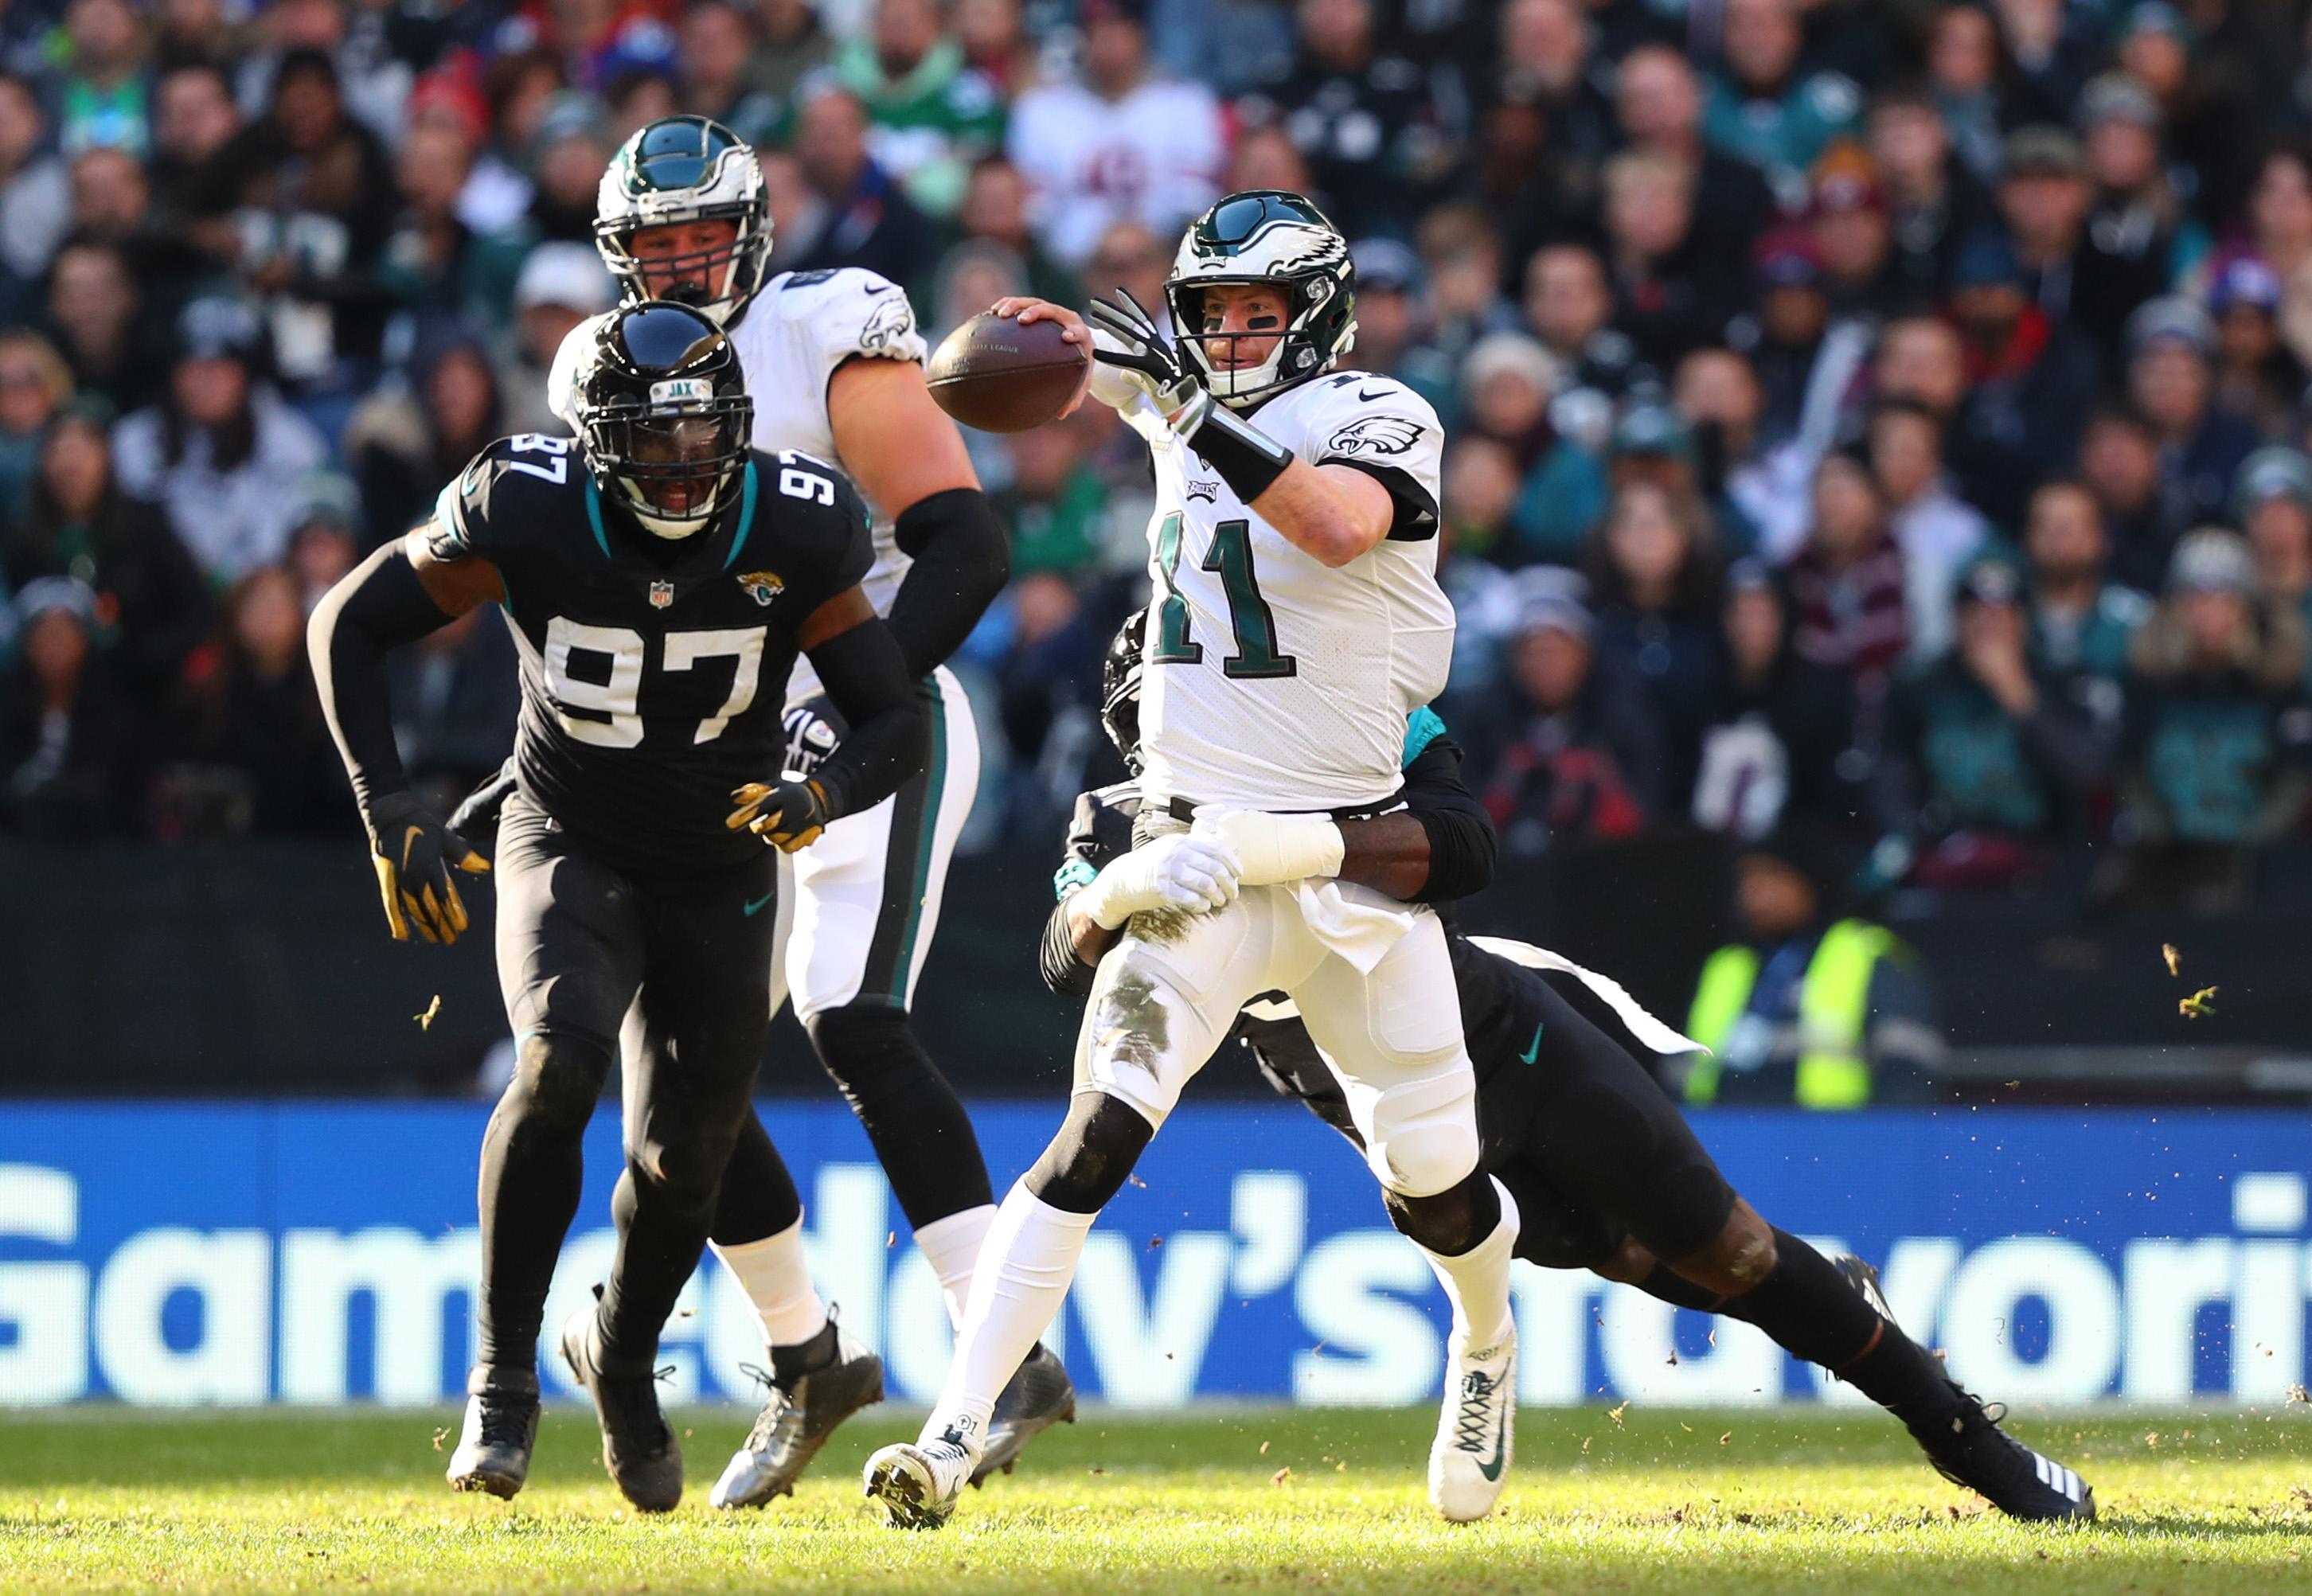 Philadelphia Eagles beat Jacksonville Jaguars 24-18 at Wembley on Sunday